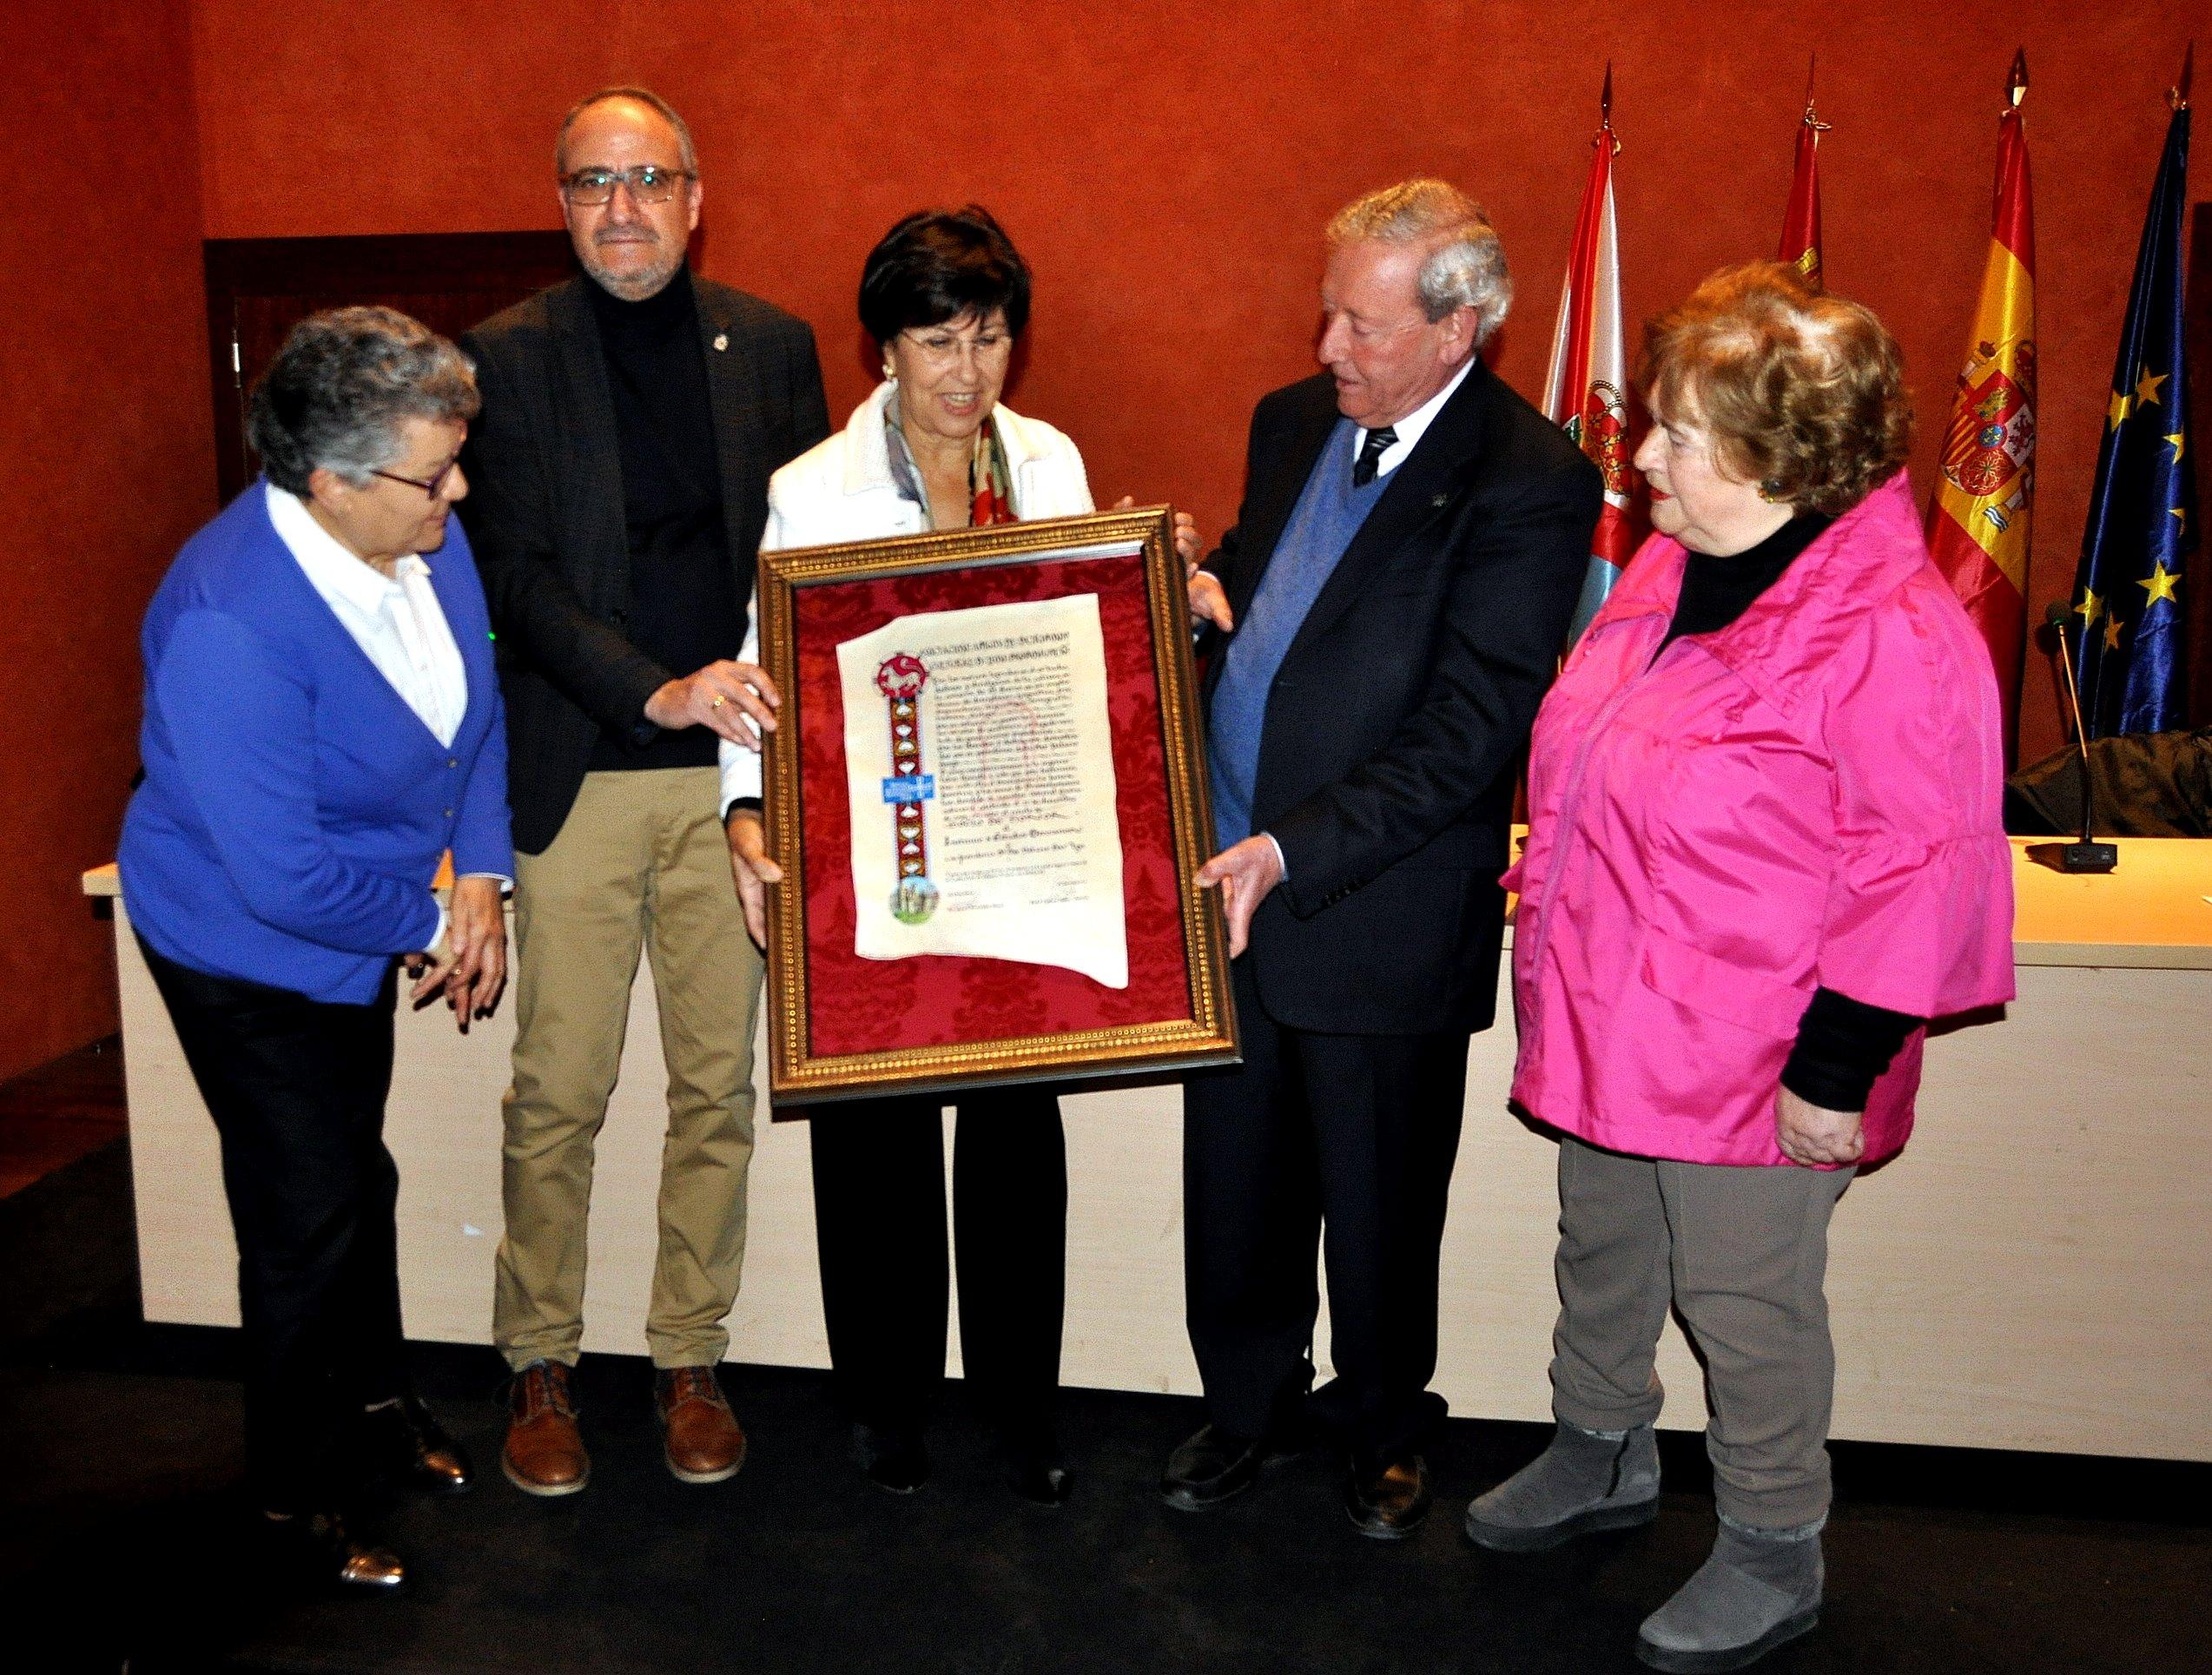 El presidente de Promonumenta entrega el diploma de Socio de Honor s la presidenta del Inhstituto de Estudios Bercianos.